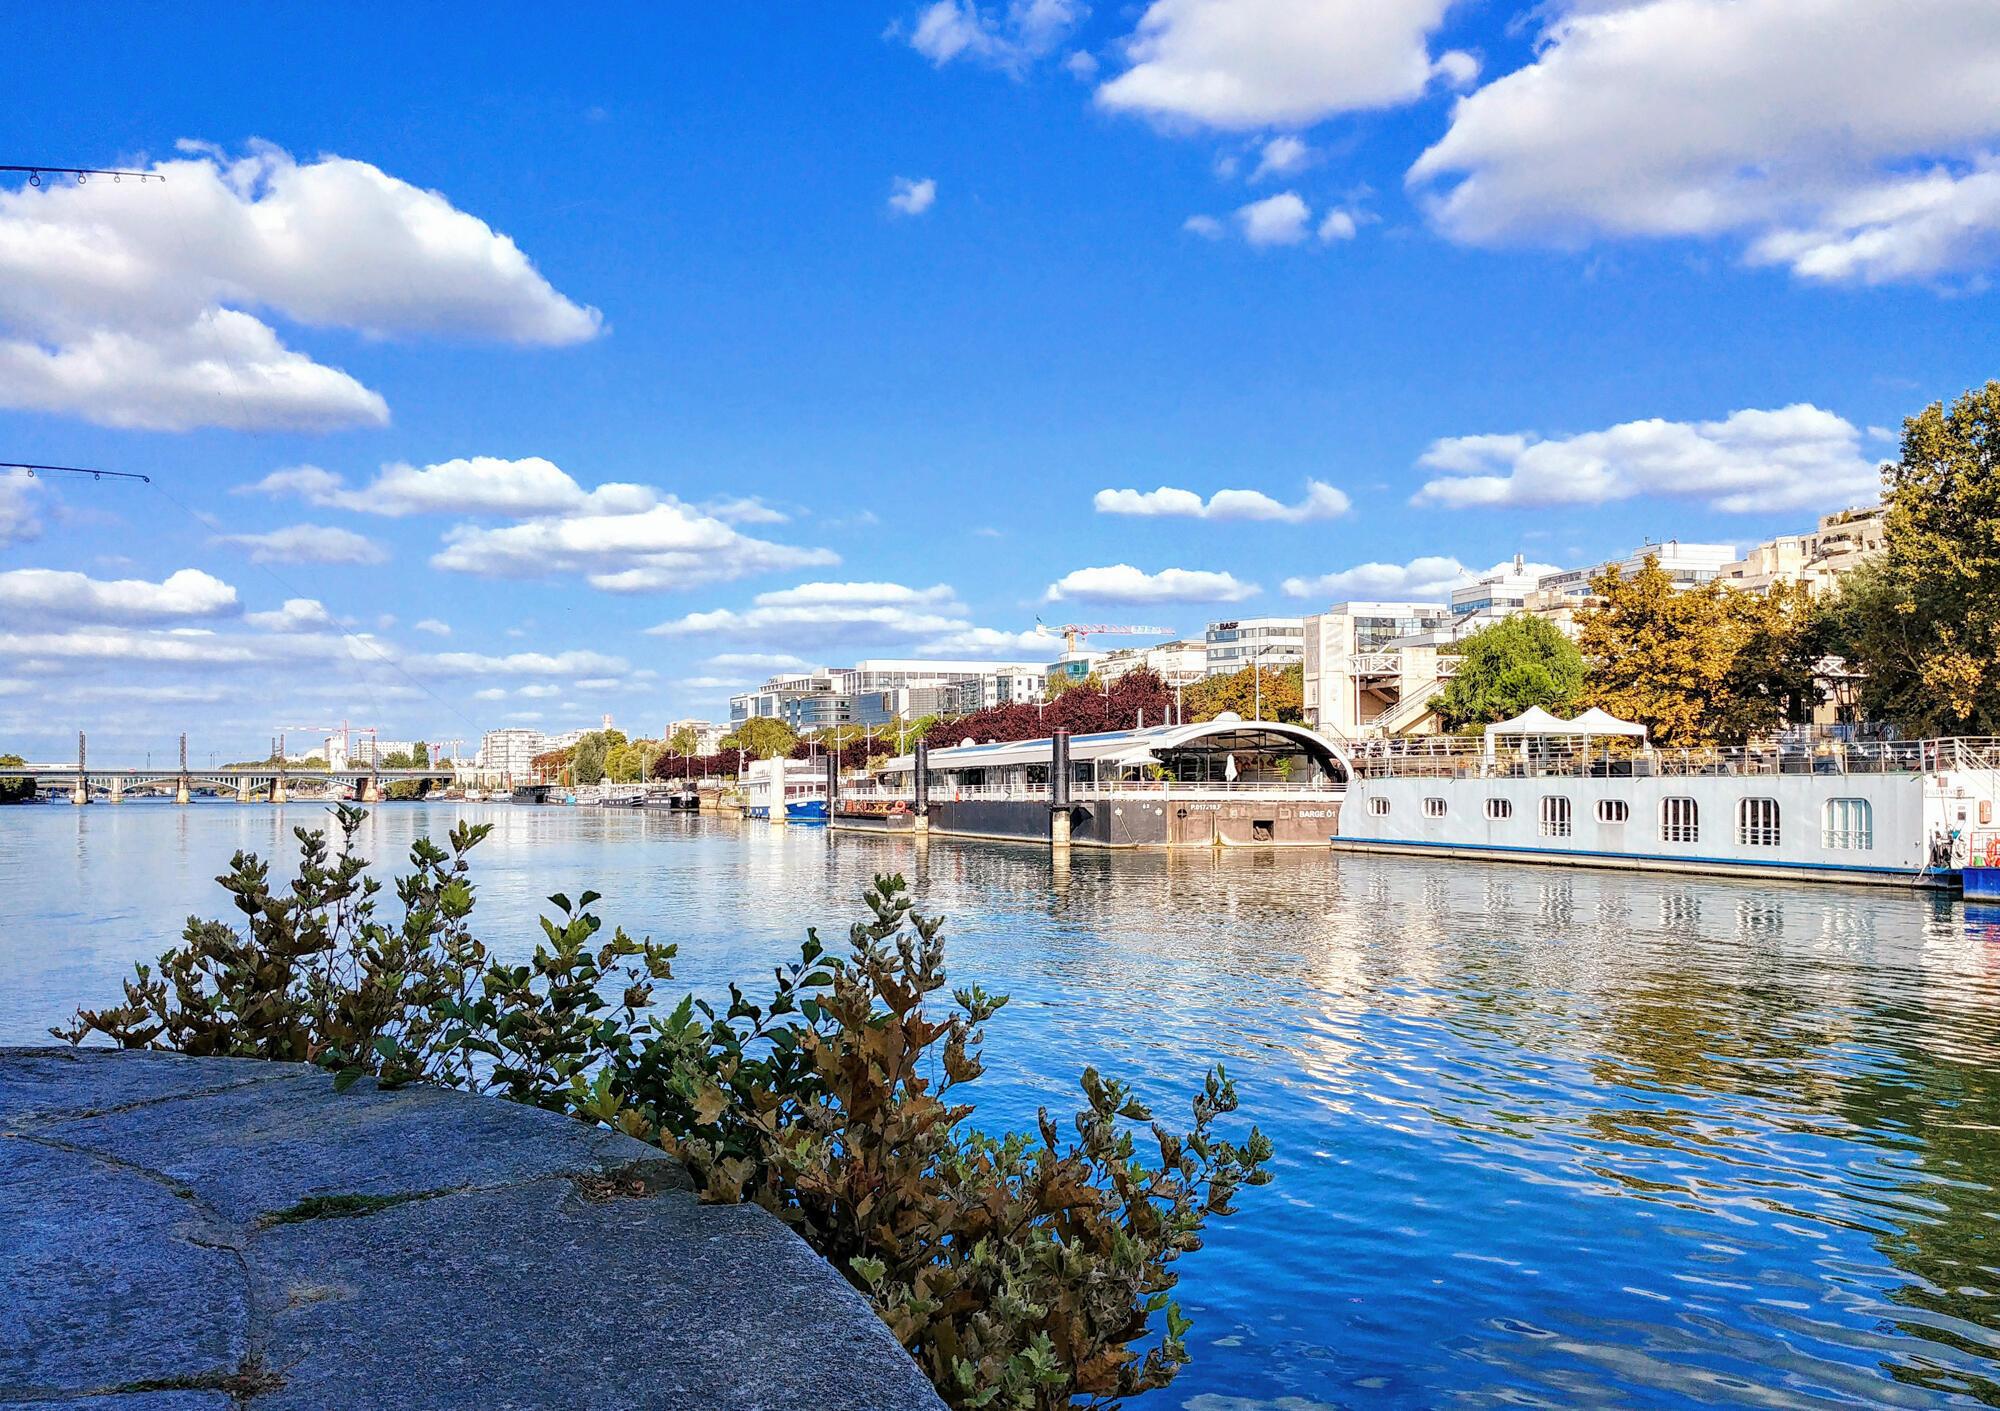 Công viên Bécon có nhiều bãi cỏ để tắm nắng, dọc những lối đi dành cho người chạy bộ, đi xe đạp tới bờ sông Seine